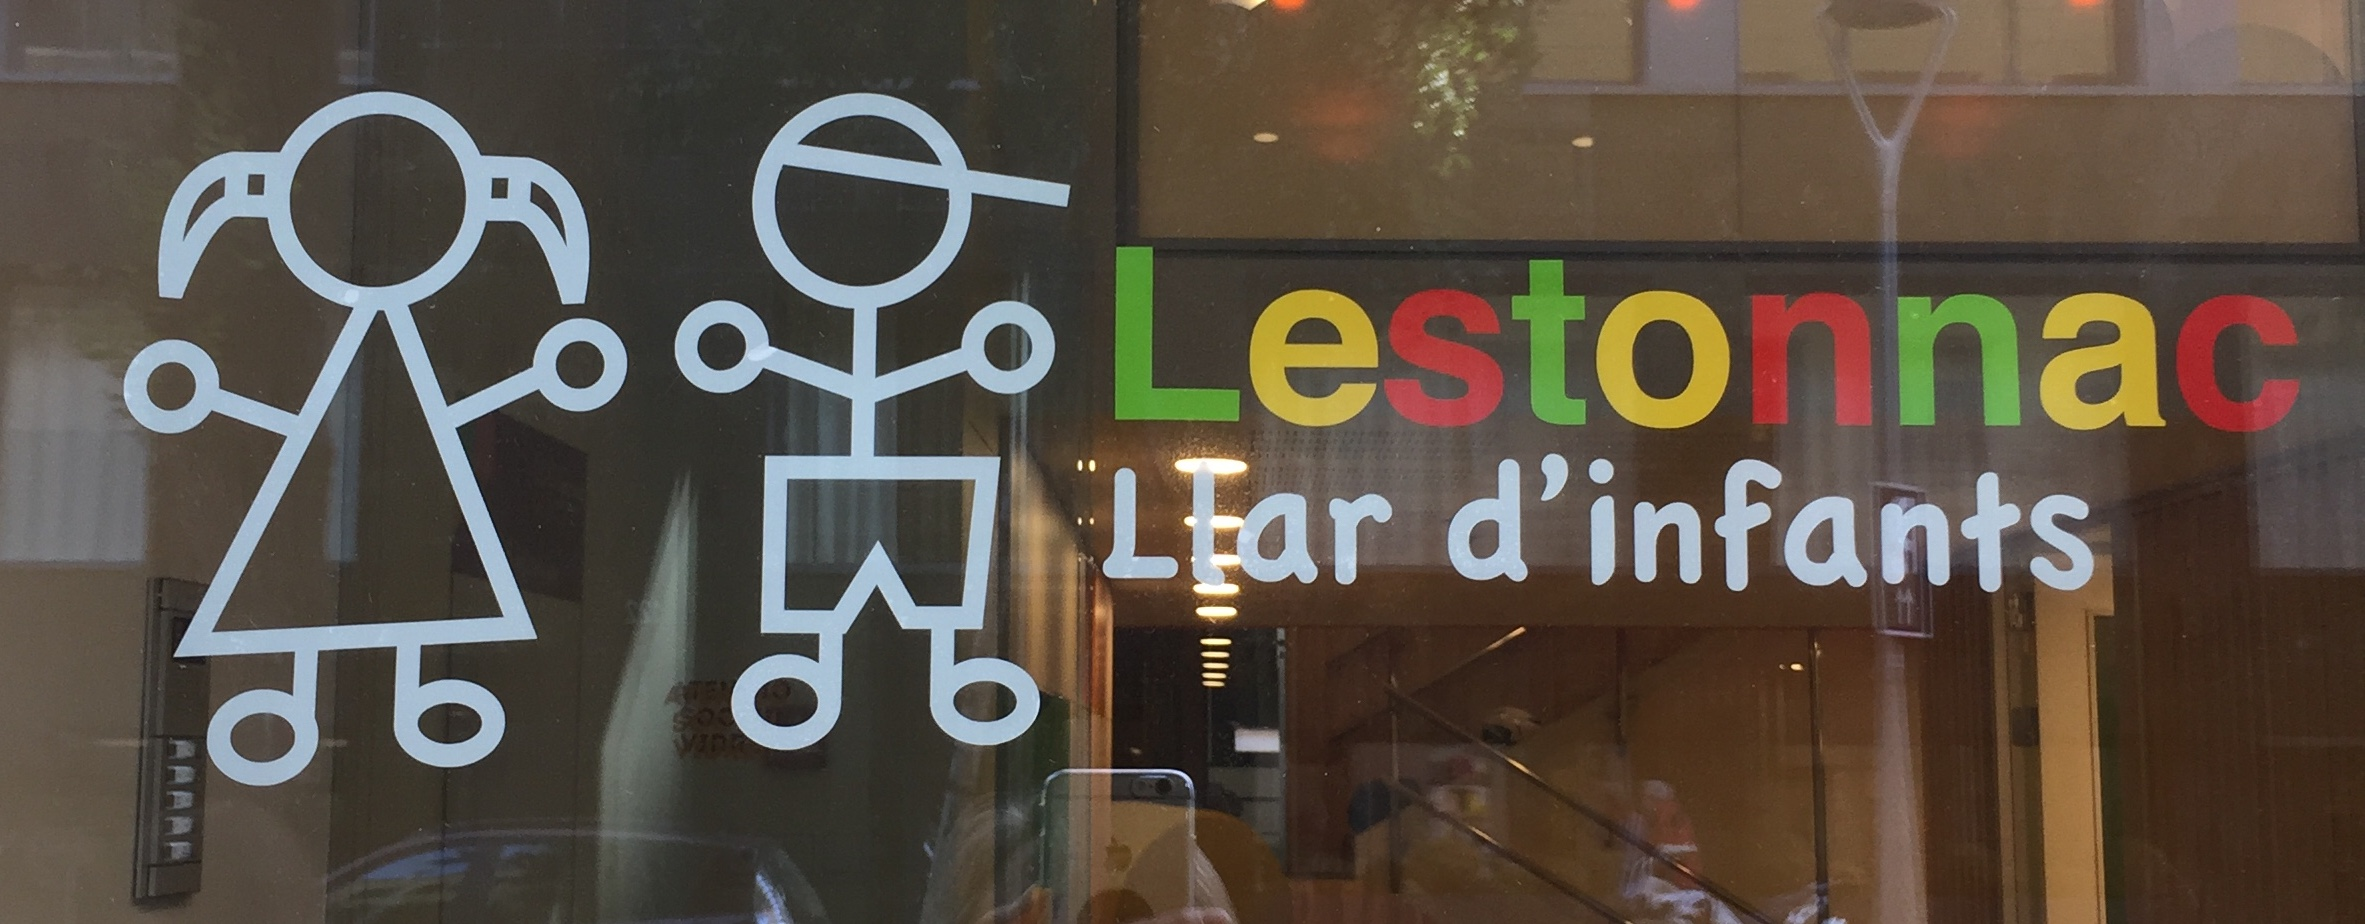 Lestonnac BCN - Llar d'infants